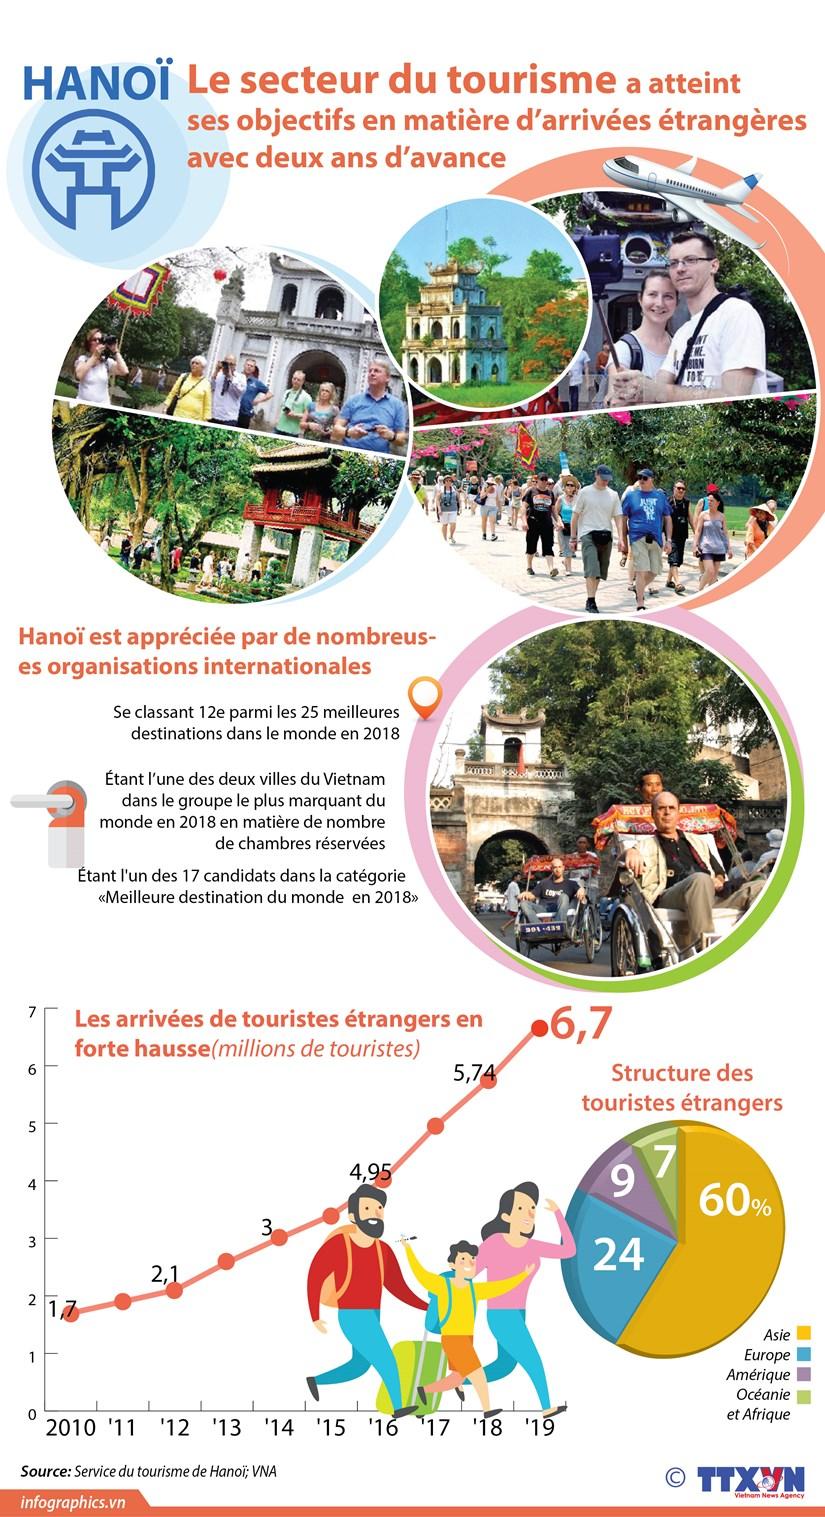 Hanoi : le secteur du tourisme a atteint ses objectifs en matiere d'arrivees etrangeres hinh anh 1